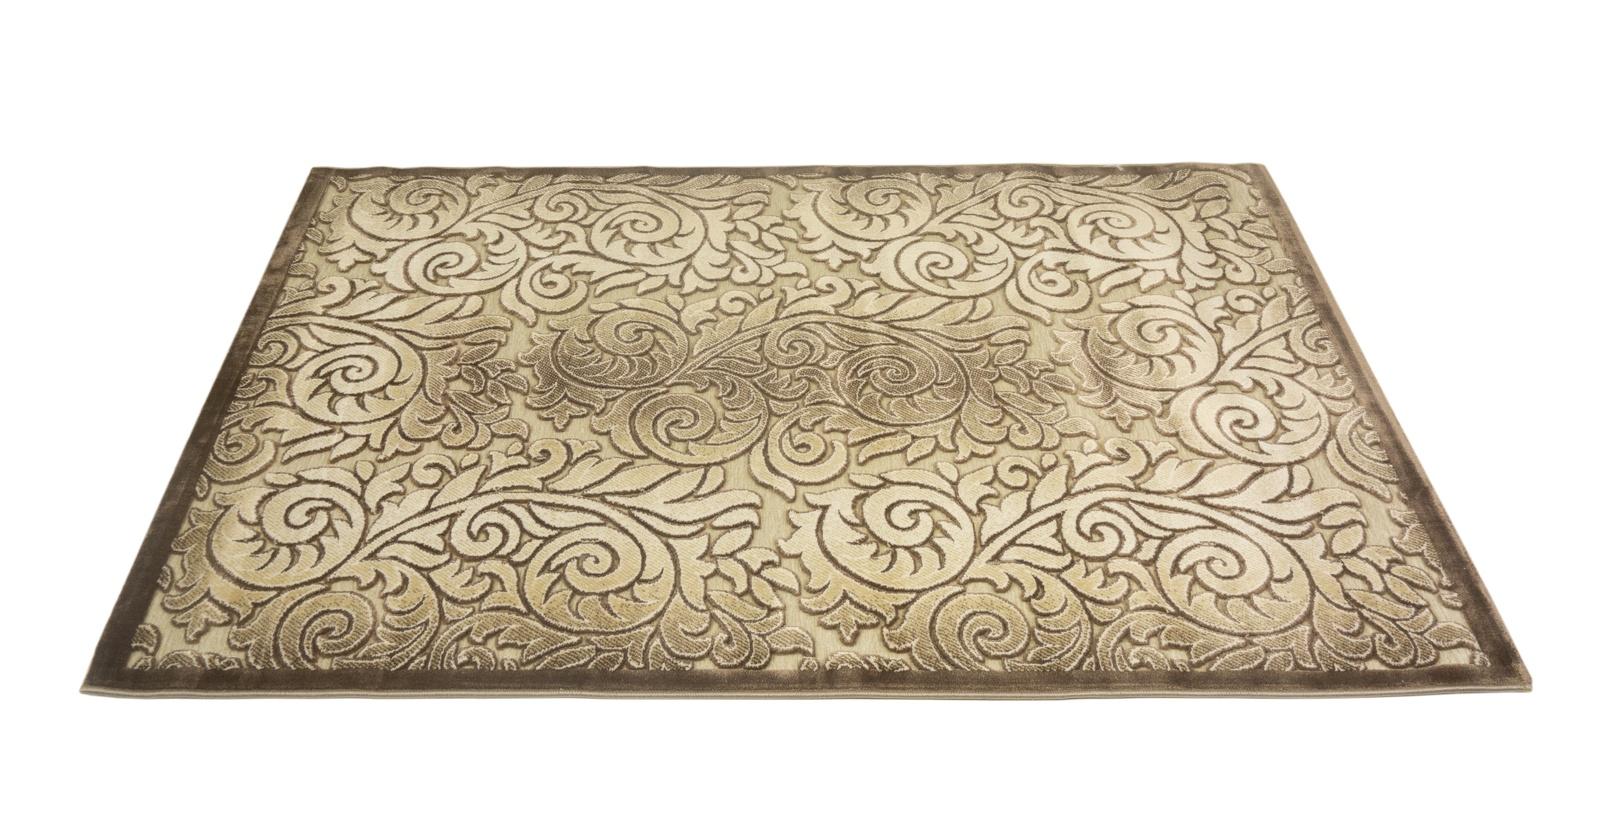 лучшая цена Ковер MADONNA 1,90х2,90/прямоугольник/80018А/беж-коричневый